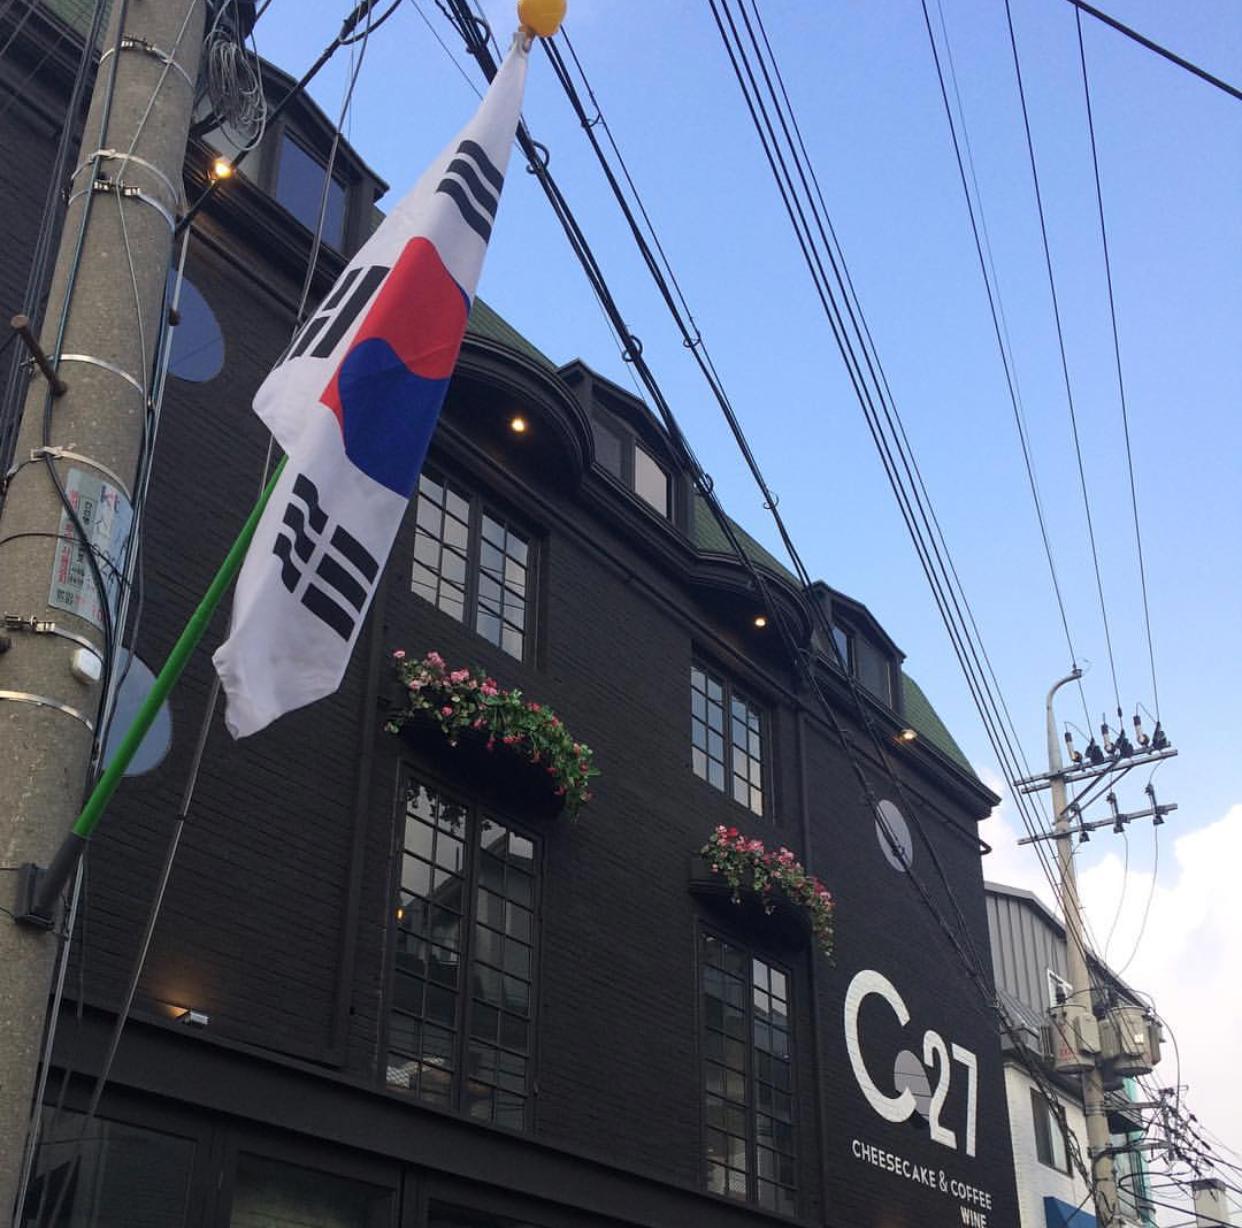 c27国旗